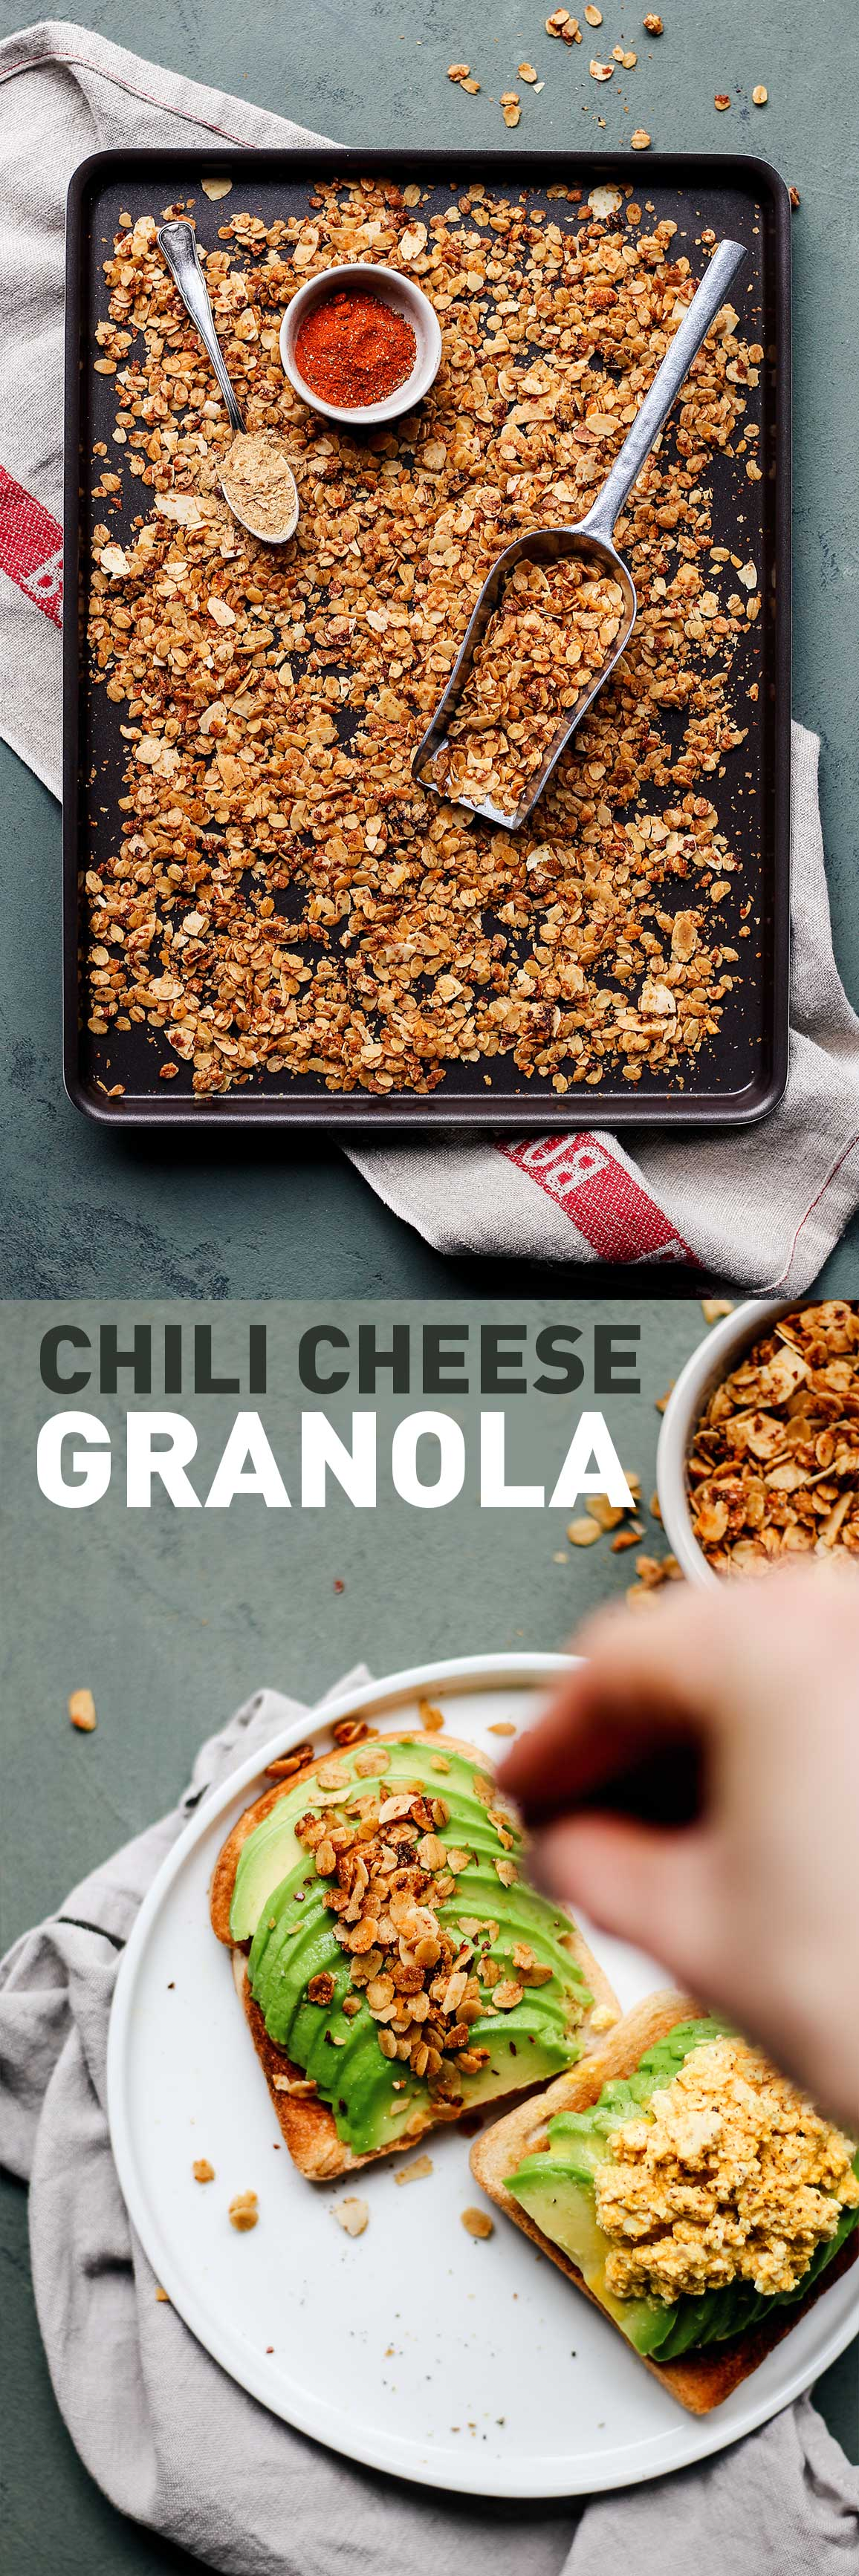 Chili Cheese Granola